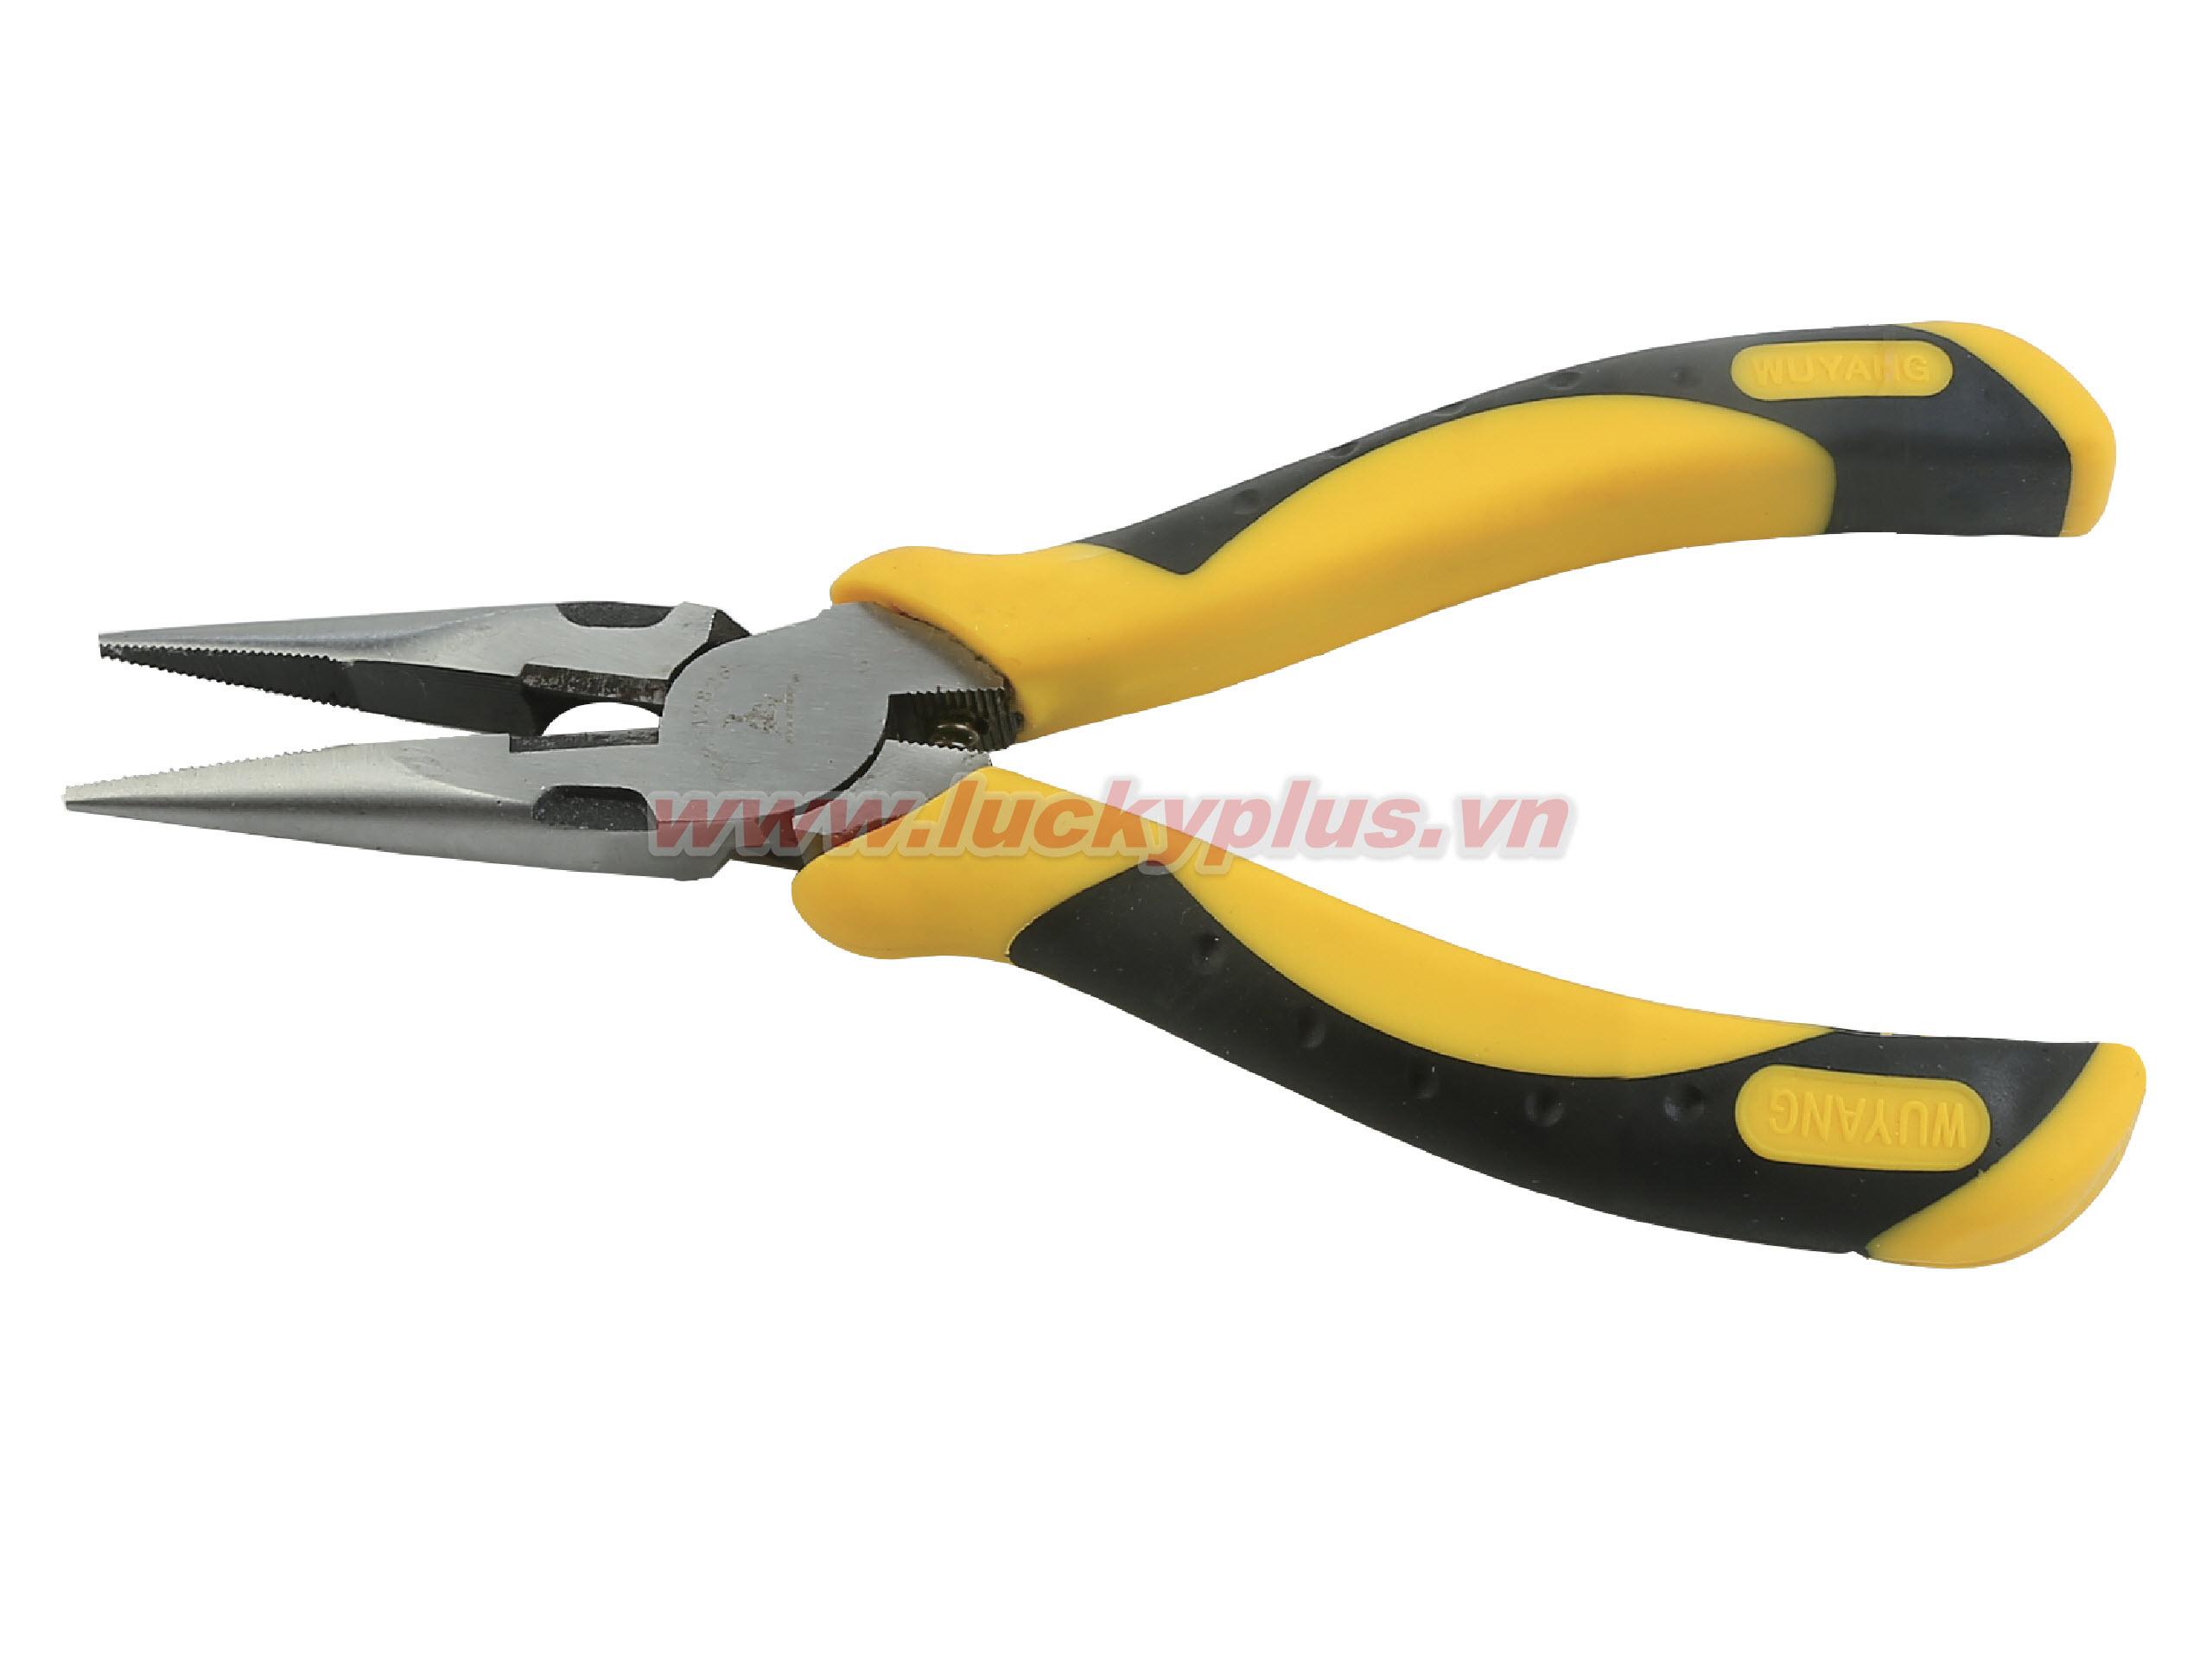 Kìm mũi nhọn mạ Crom 6 inch FiveSheep FS-12826 6''/160mm, FS-12828 8''/200mm